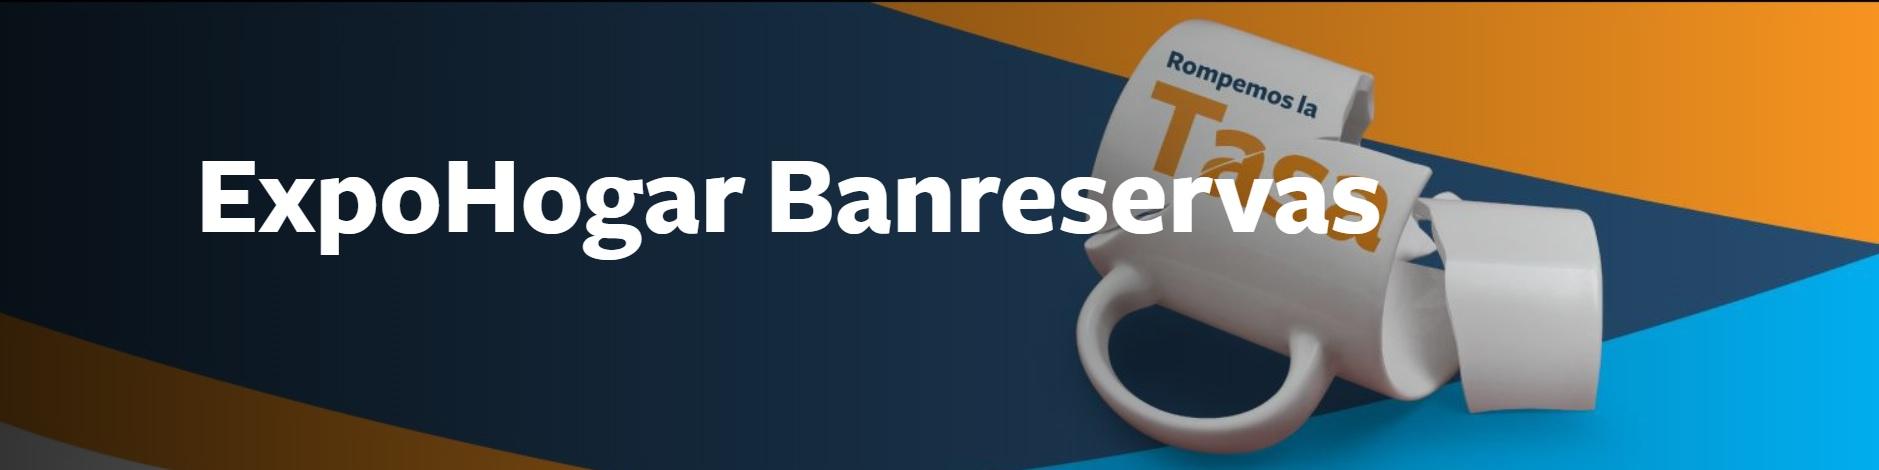 Expo Hogar Banreservas 2019 | Feria hipotecaria Banreservas